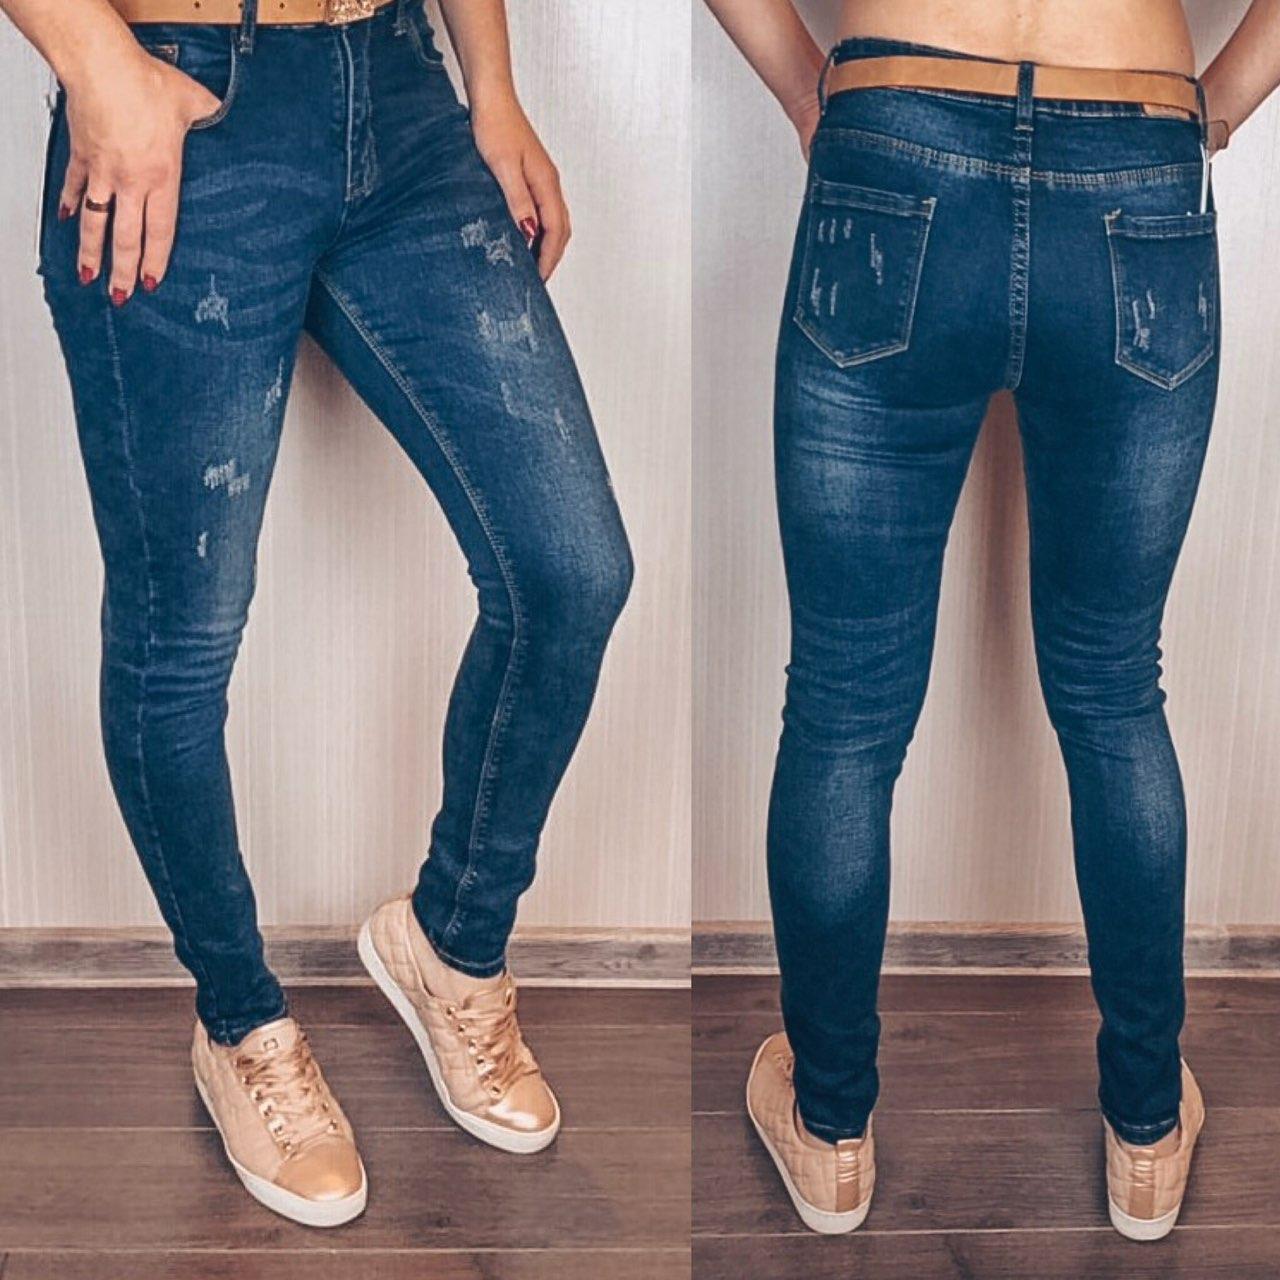 174e04425b9 Молодежные женские джинсы на болтах с поясом - bonny-style в Днепре